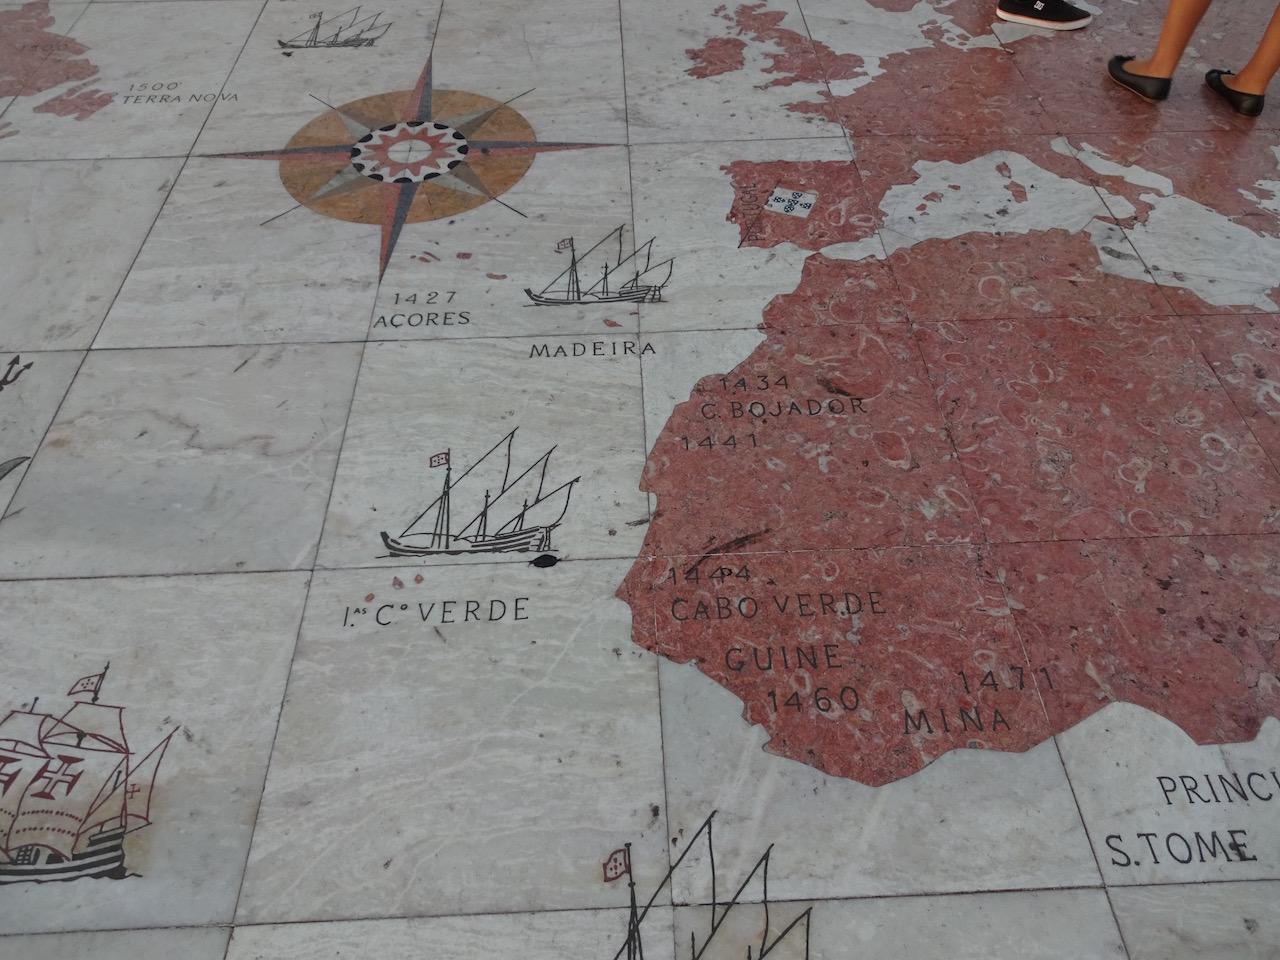 ein Mosaik mit den besetzten Gebieten zu den Glanzzeiten der Portugiesischen Seefahrt